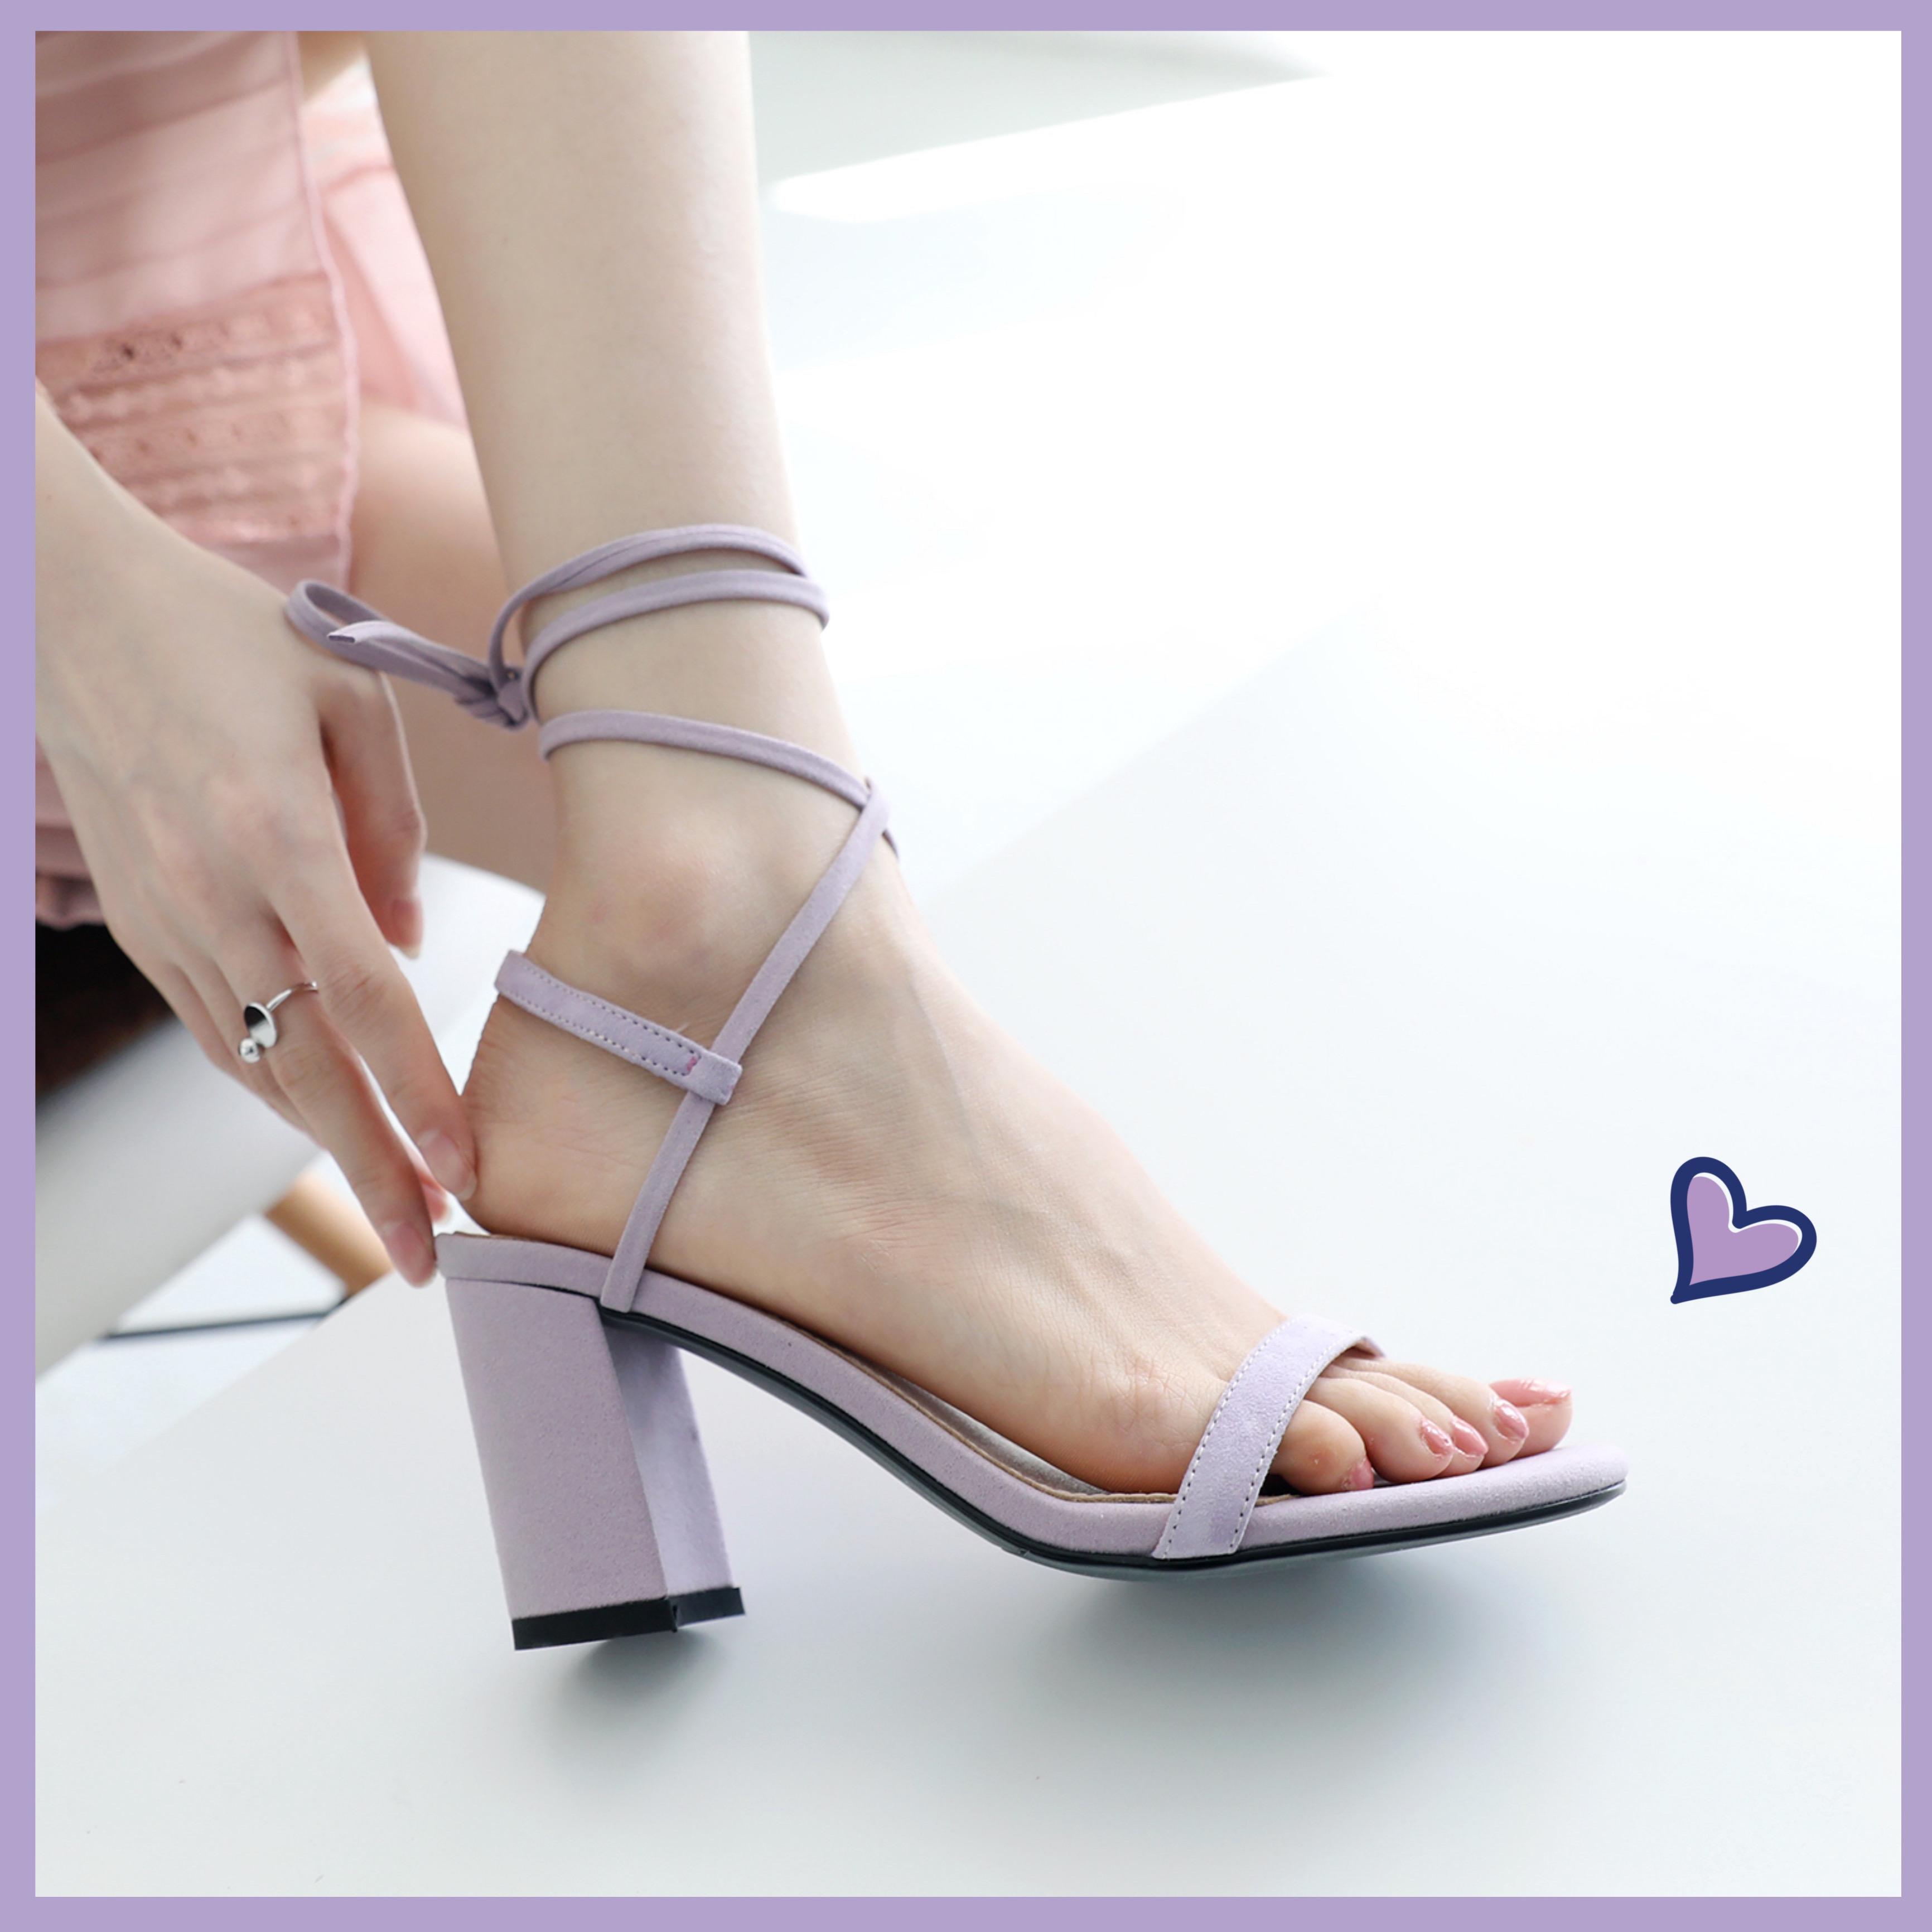 紫色凉鞋 紫色凉鞋粗跟新款凉鞋系带仙女脚环绑带配裙子穿的鞋子百搭一字带_推荐淘宝好看的紫色凉鞋